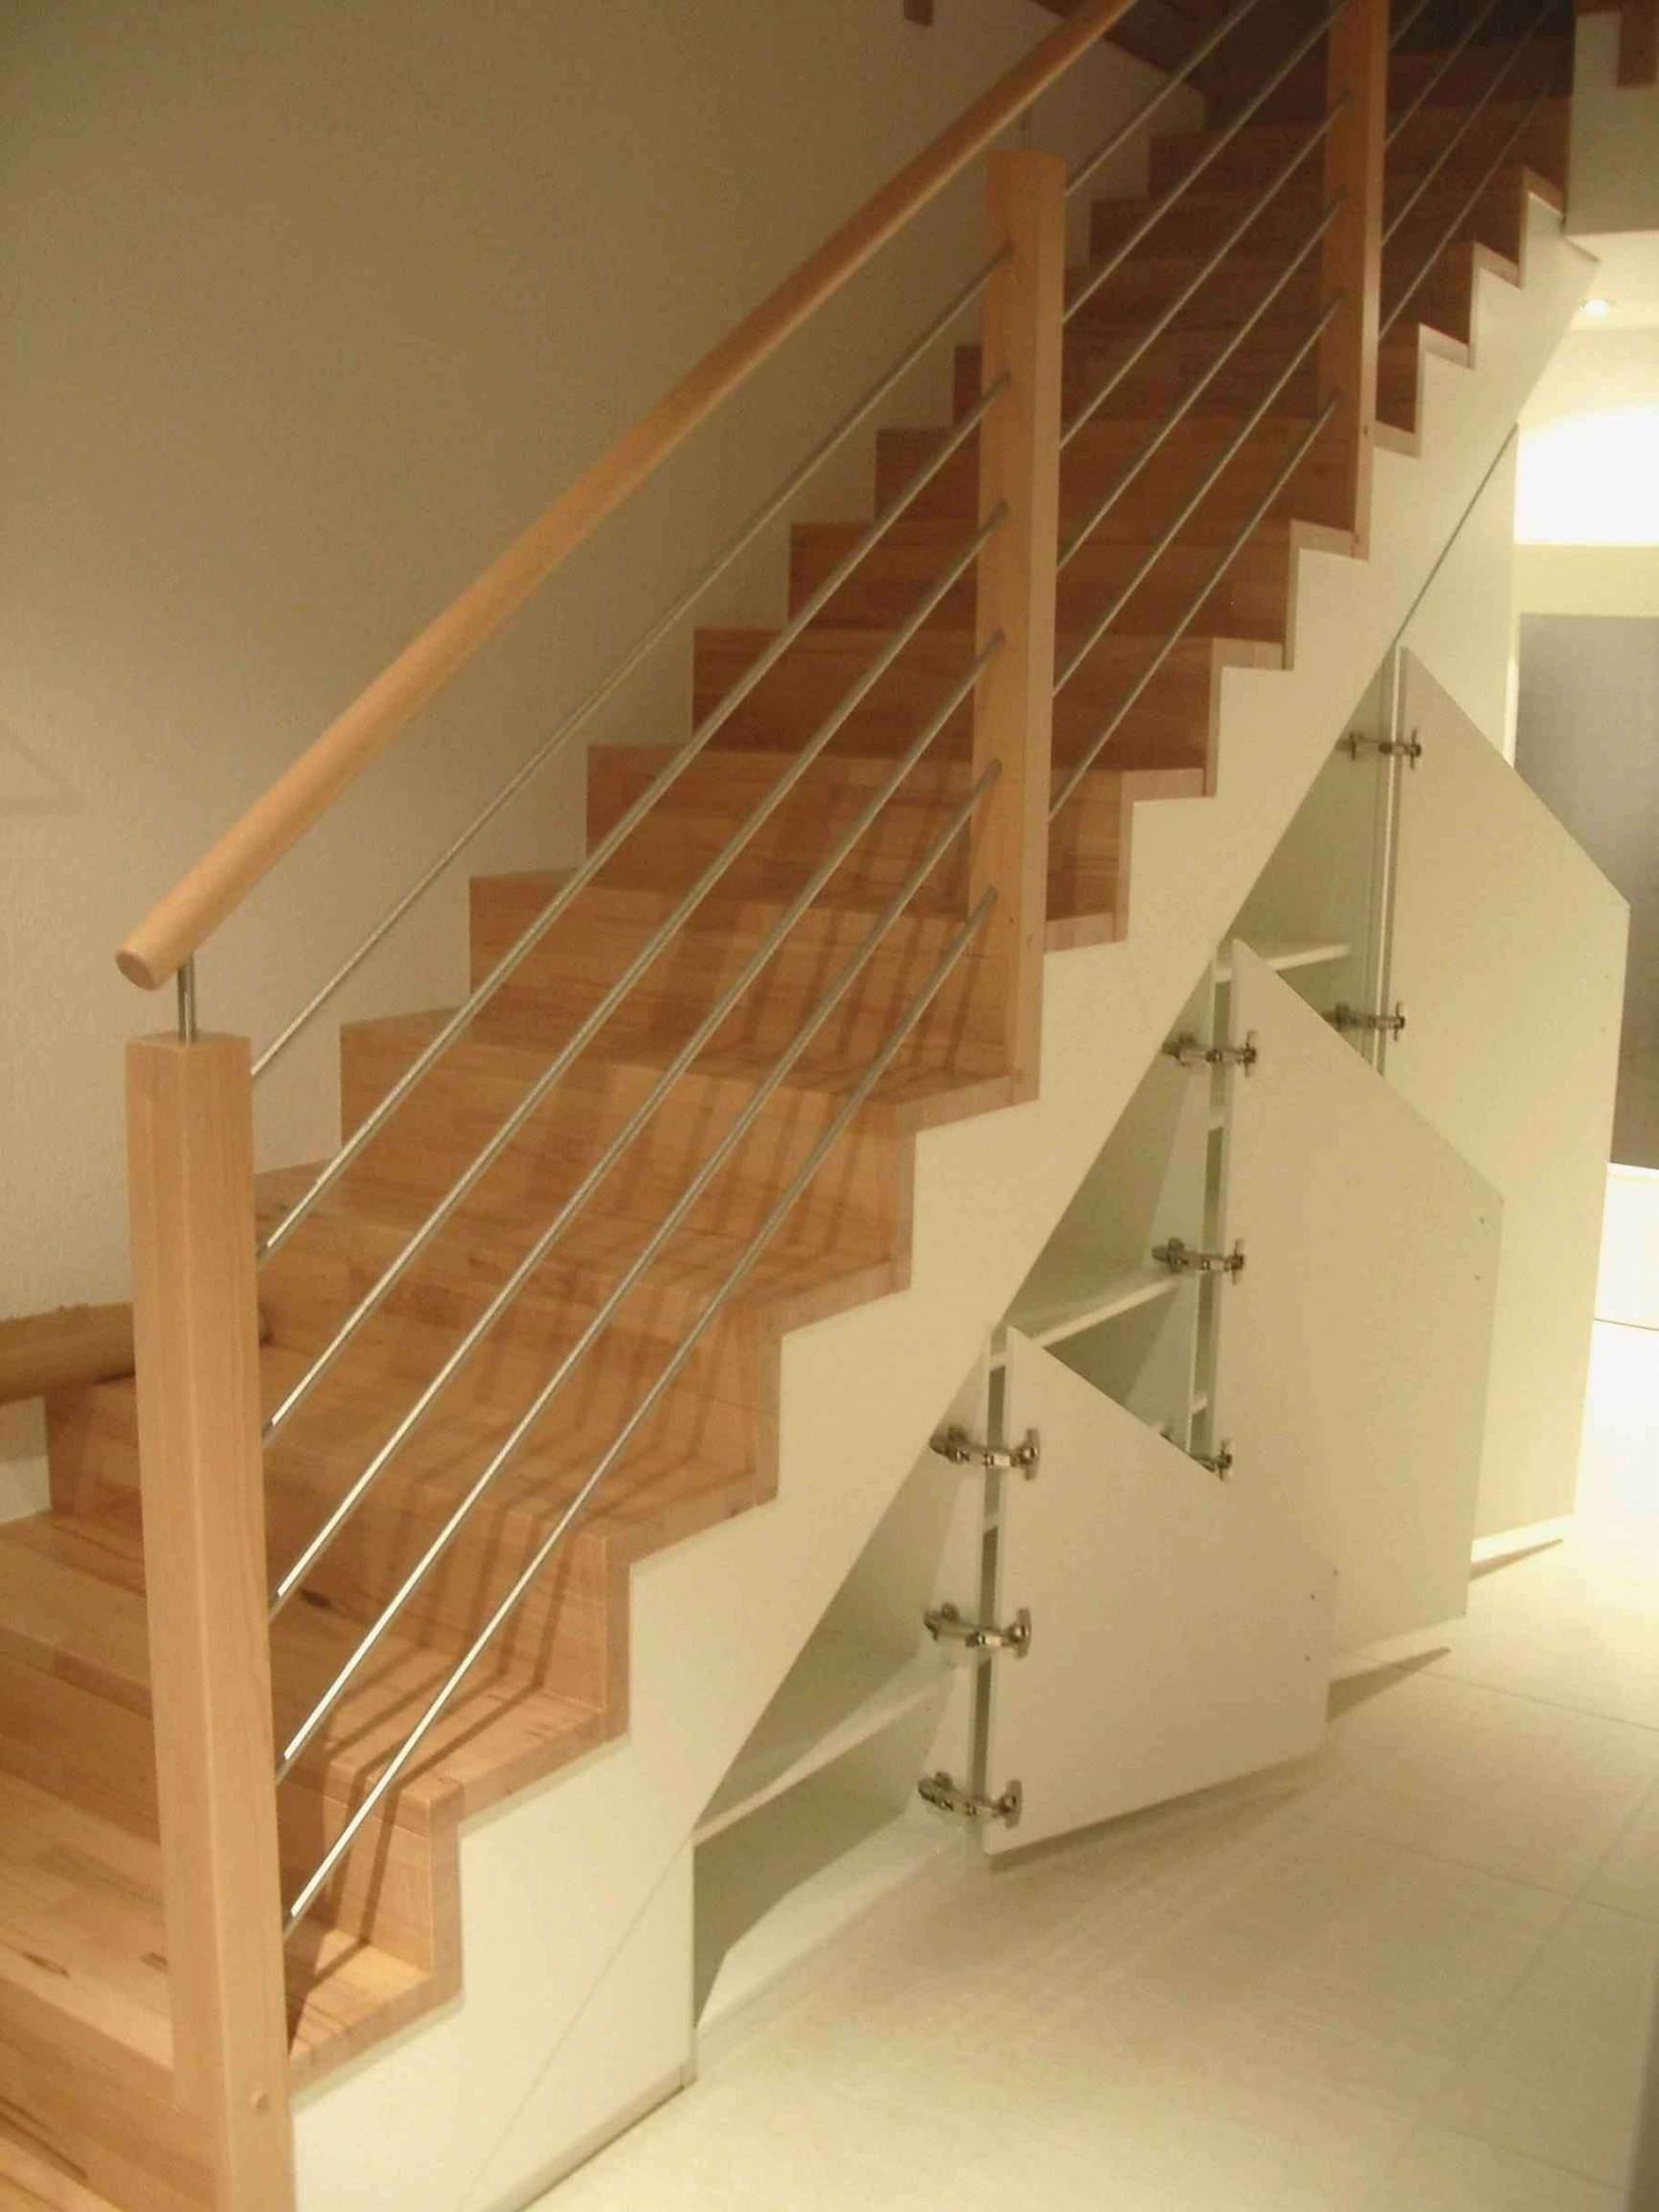 42 frisch stufen im garten anlegen bild unter treppe ideen unter treppe ideen